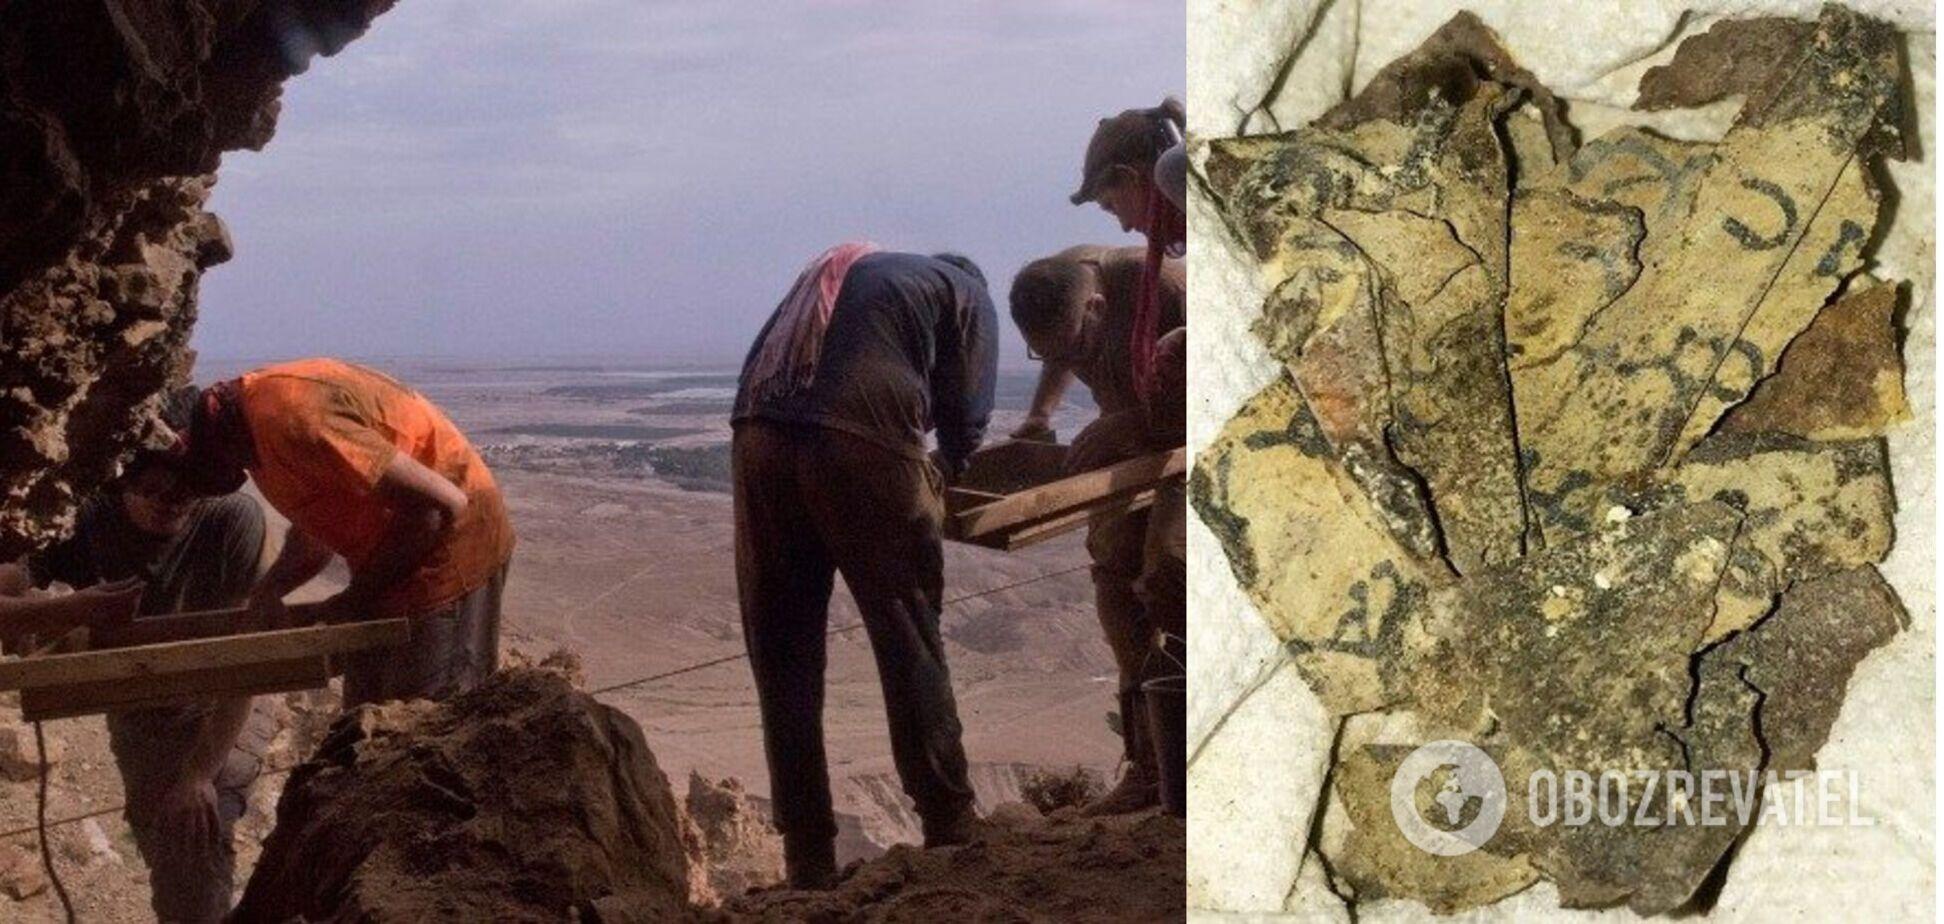 В Израиле в 'пещере ужаса' нашли свиток с текстами из Библии. Фото